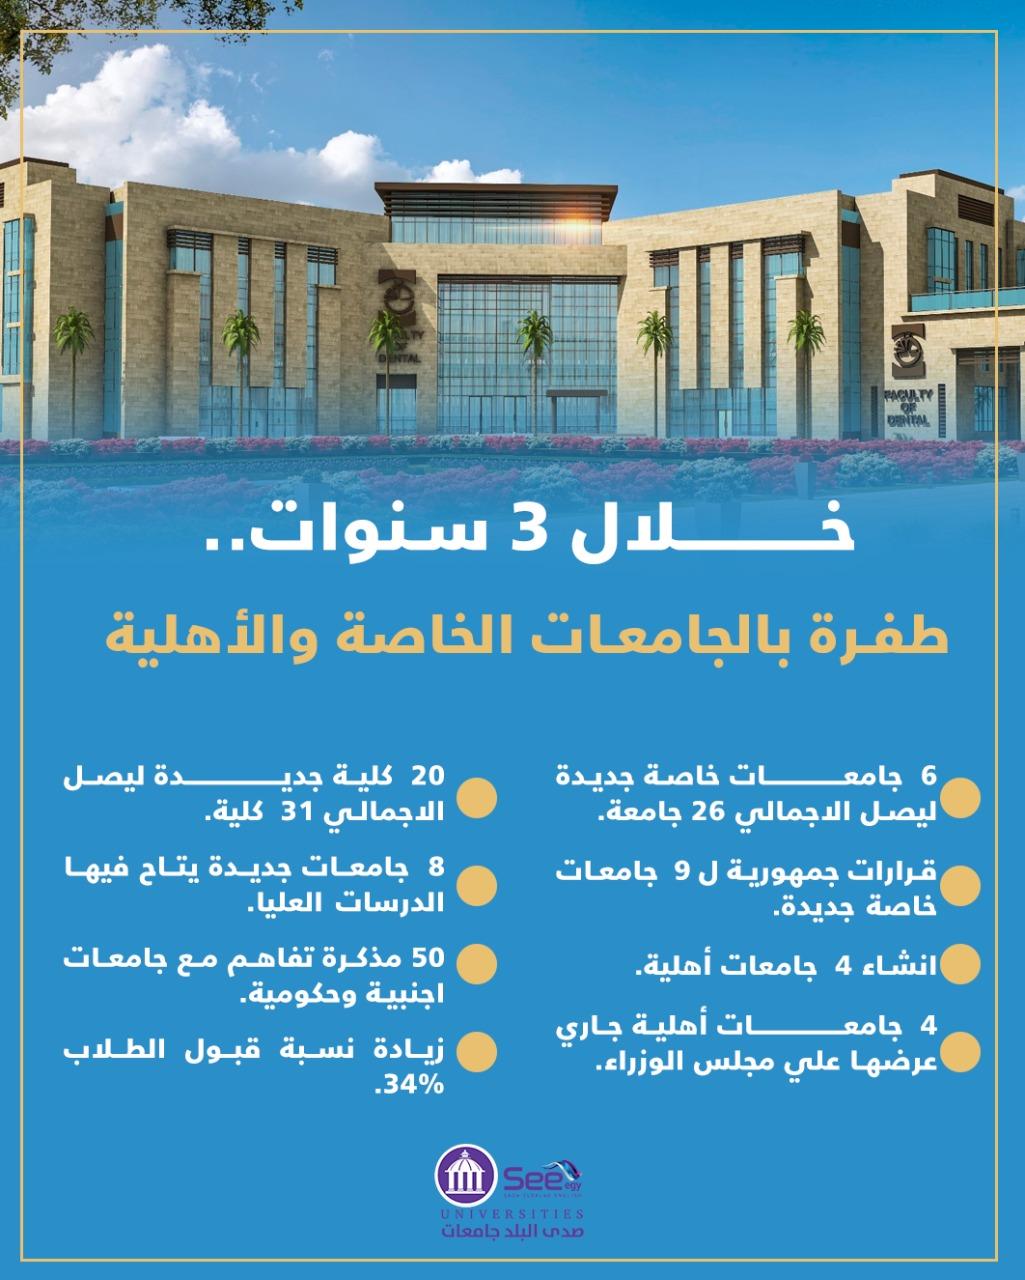 فتح باب التقديم بالجامعات الأهلية للفصل الدراسي الثاني